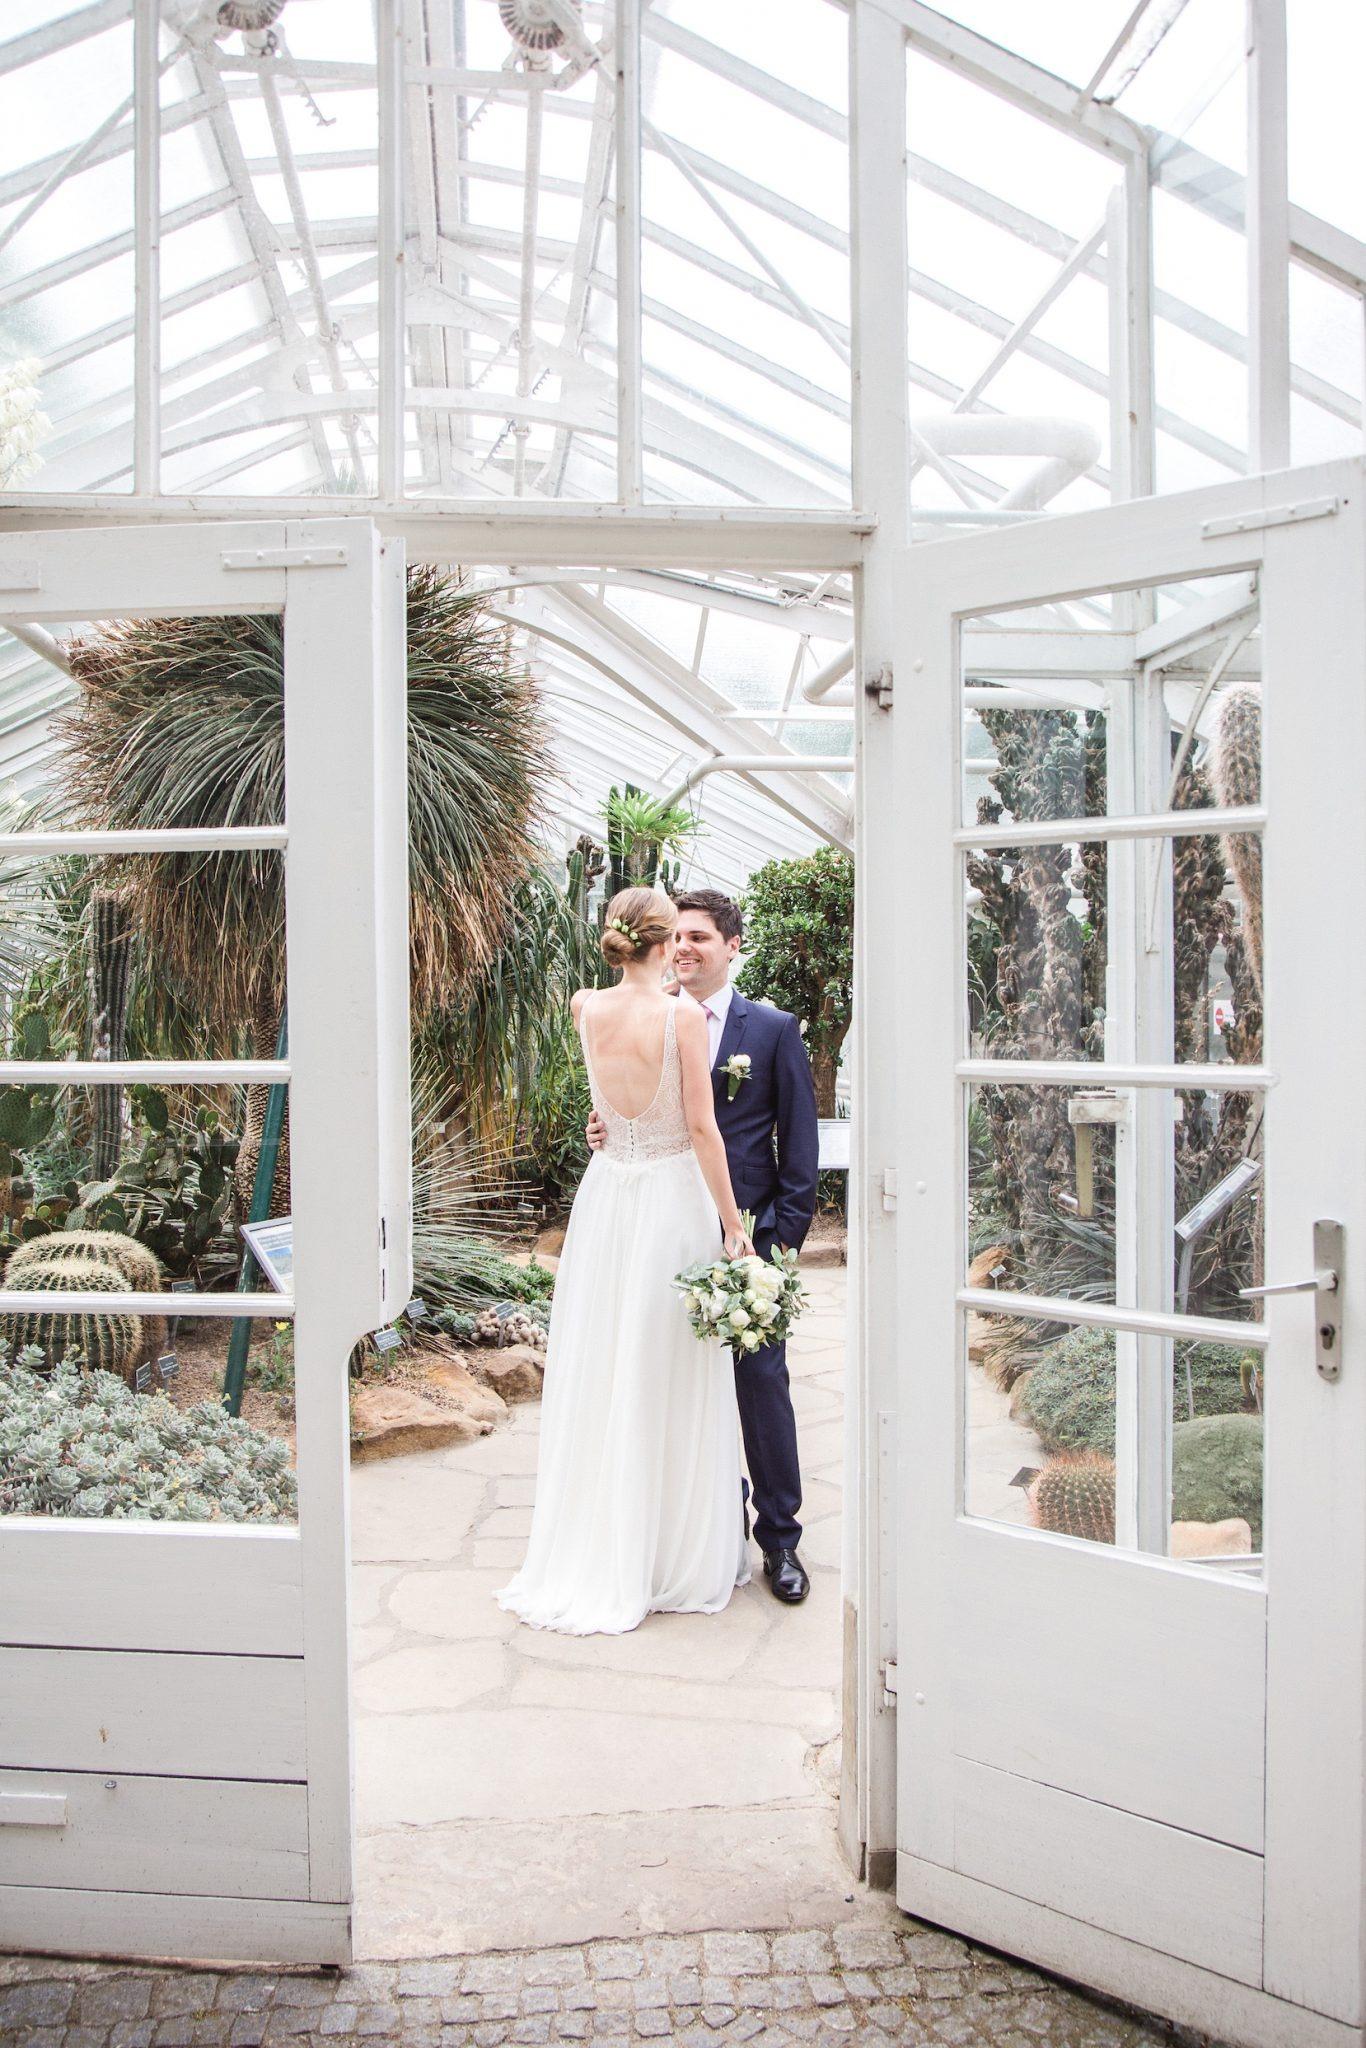 Hochzeit von Du und Ich in Münster: Brautpaar steht im Gewächshaus hinter der Türe